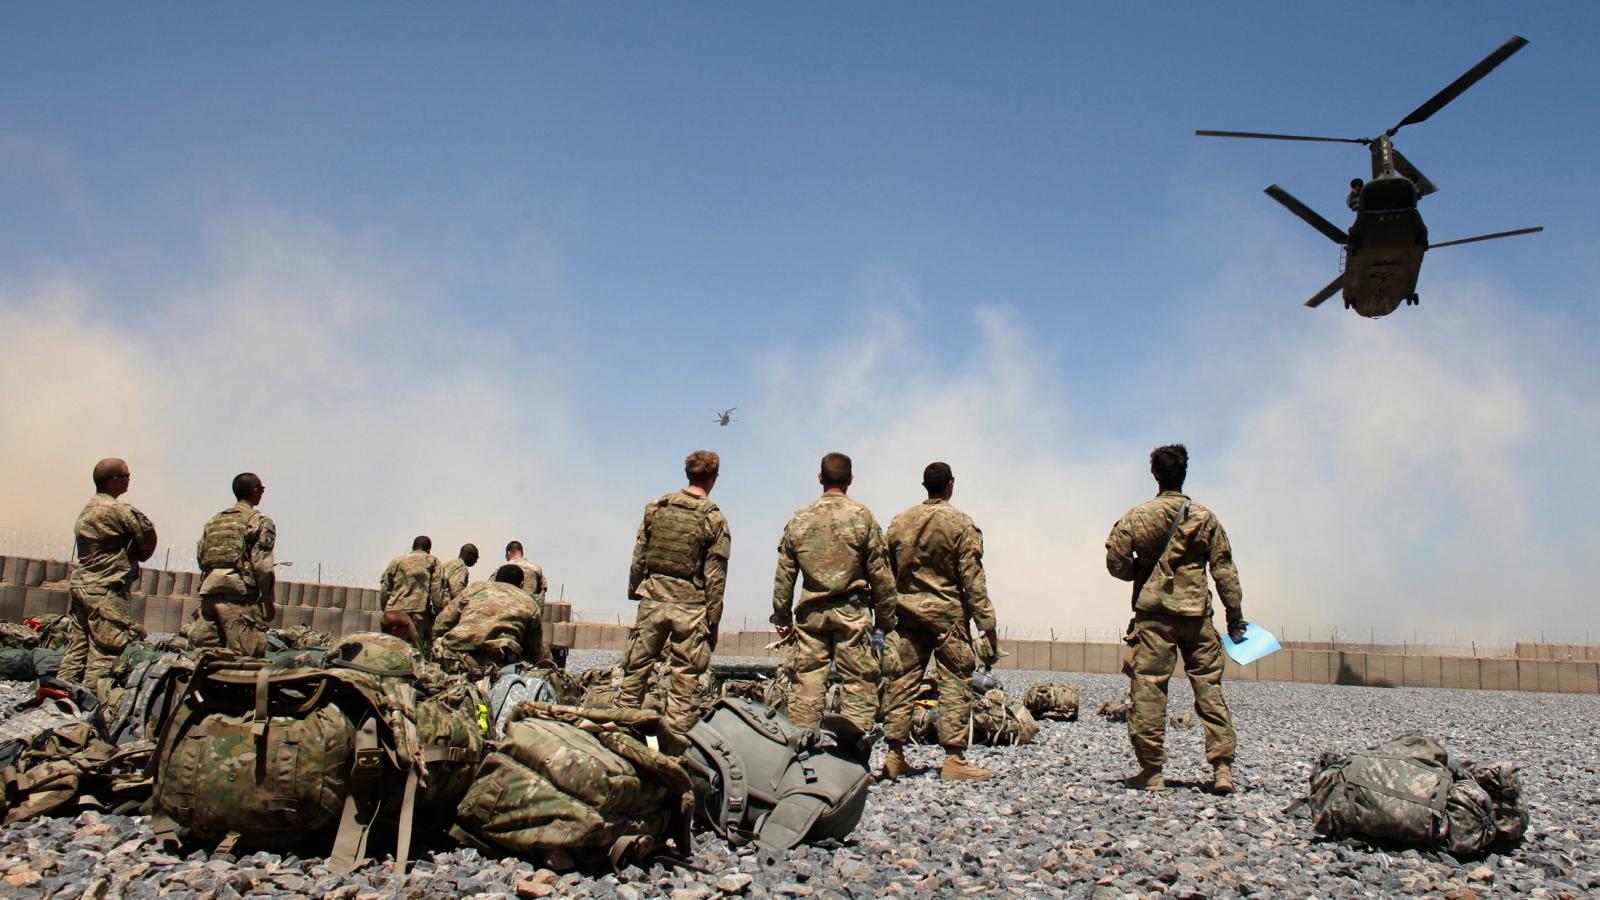 Afghanistan sụp đổ khiến Mỹ lo ngại khủng bố trỗi dậy